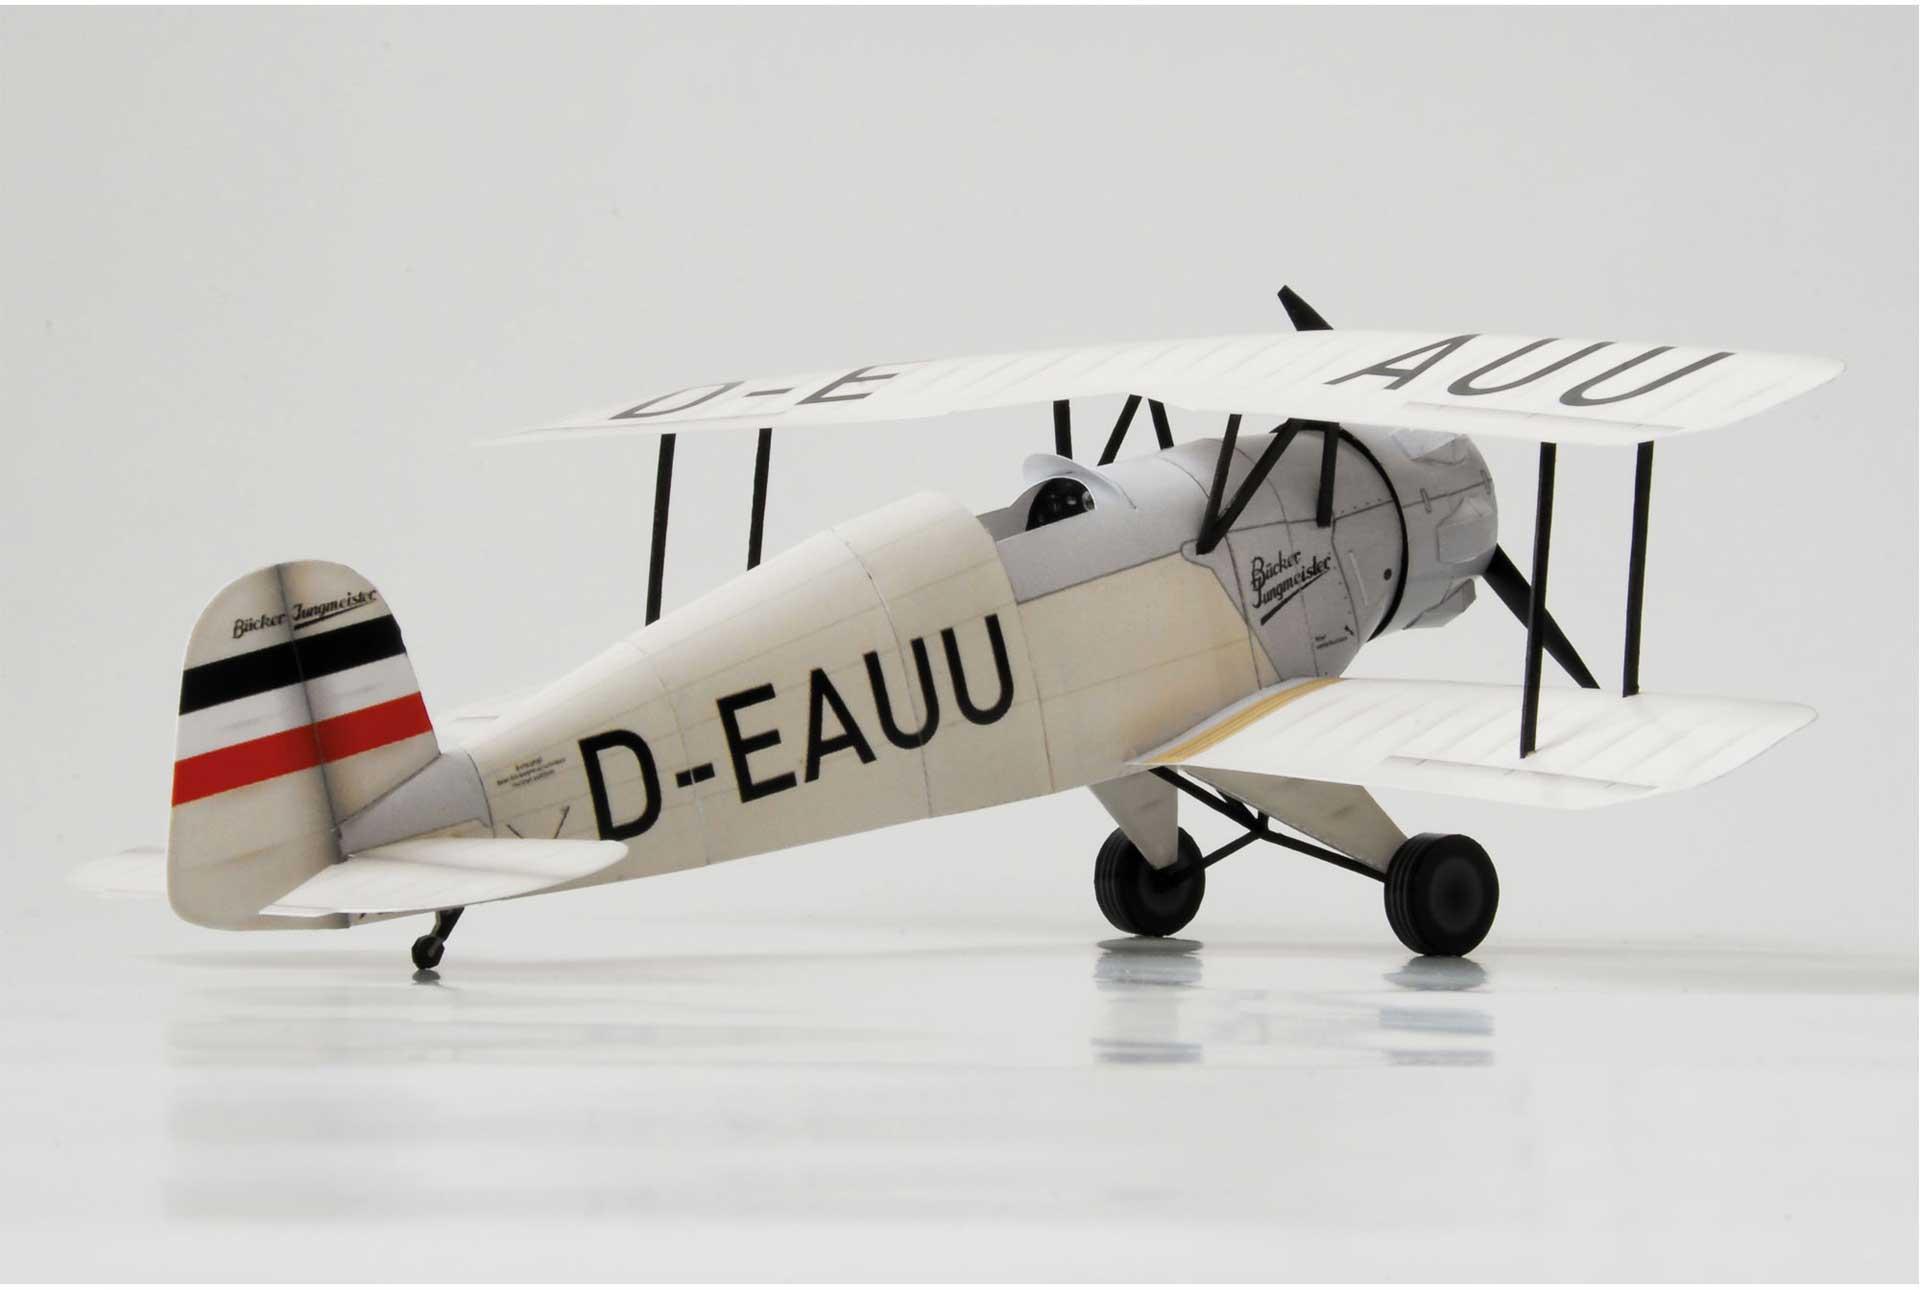 PAPER-MODEL Bücker 133 Jungmeister D-EAUU 1:33 Kartonmodell aus Papier und Karton